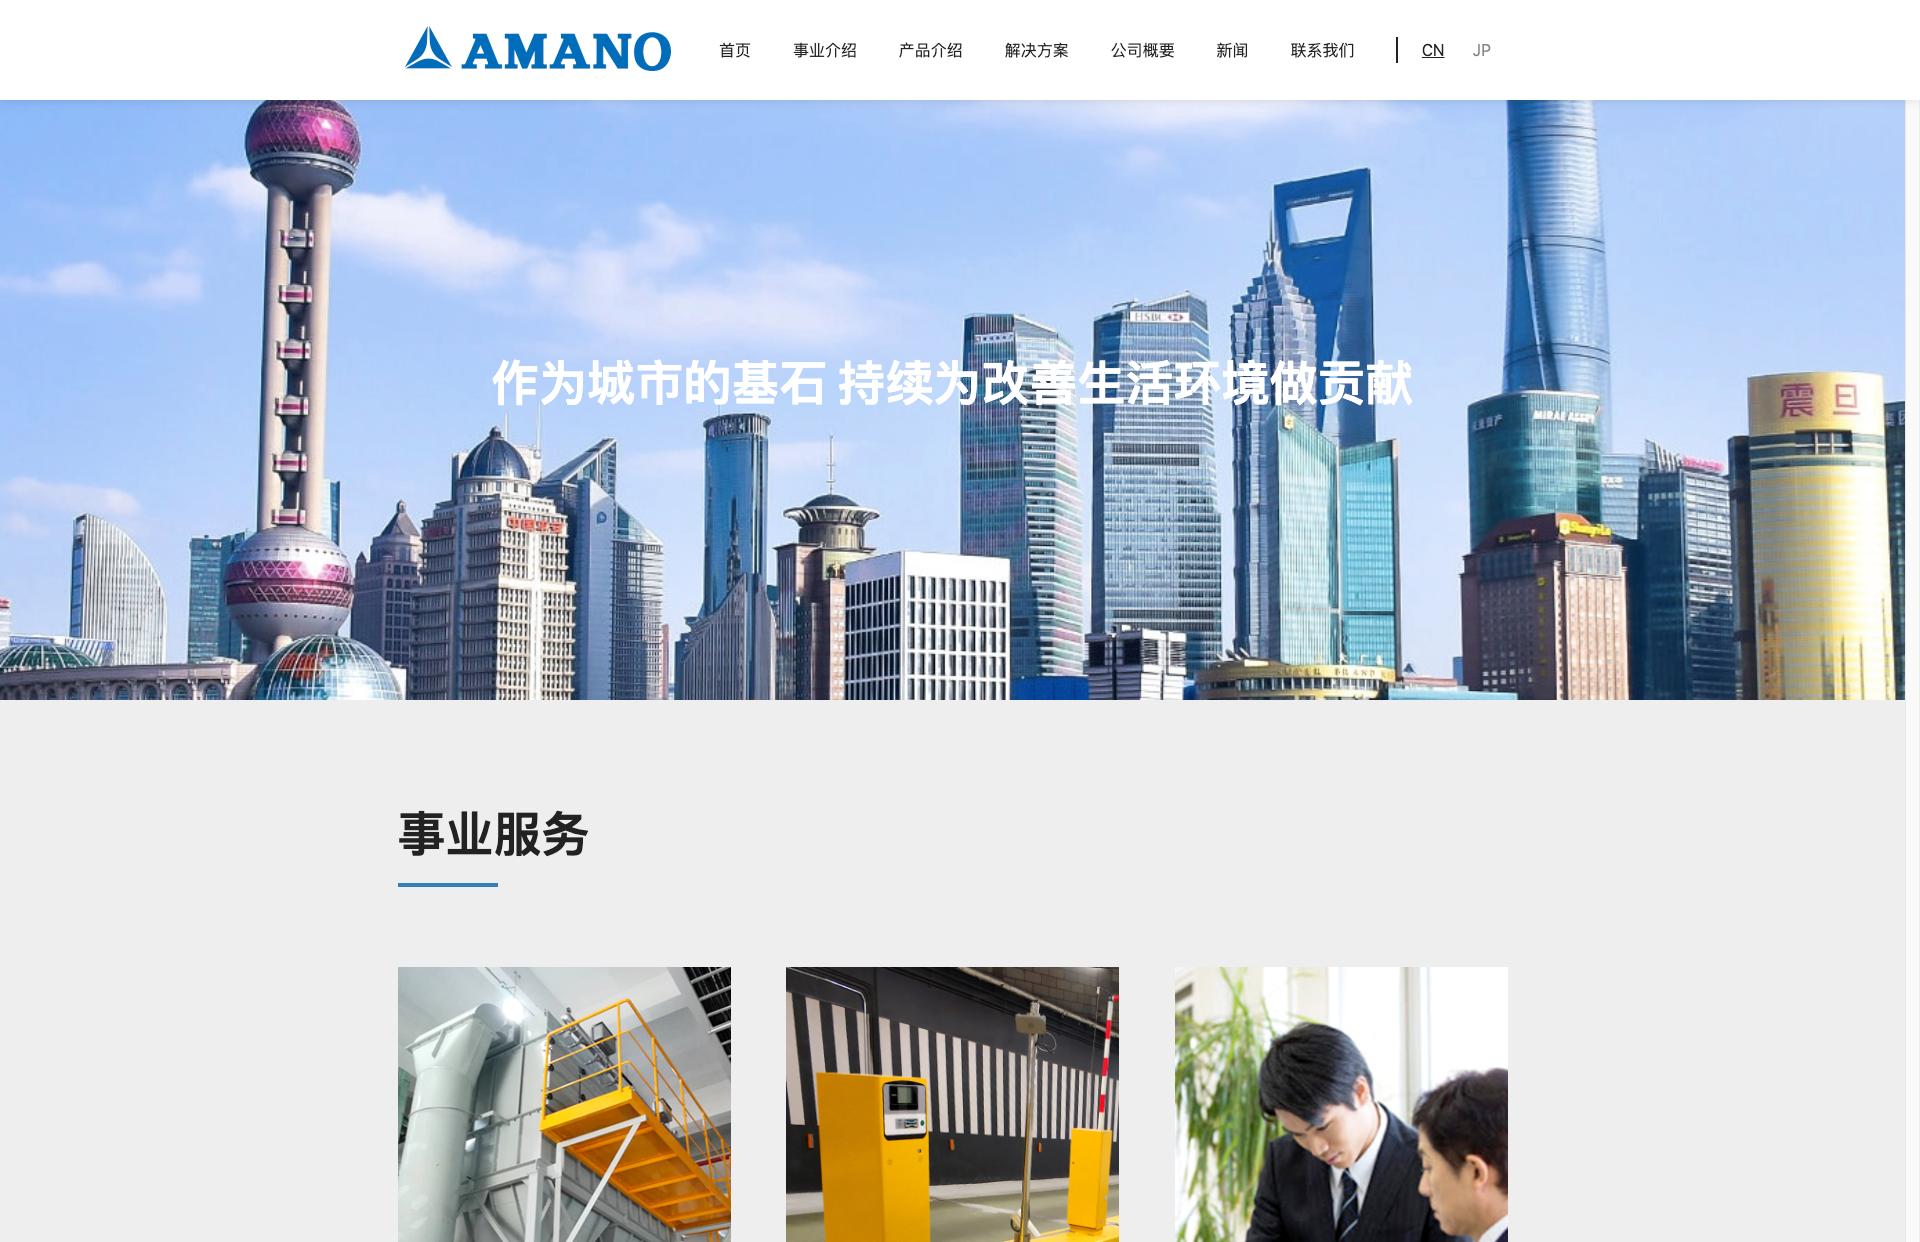 安满能国际贸易(上海)有限公司